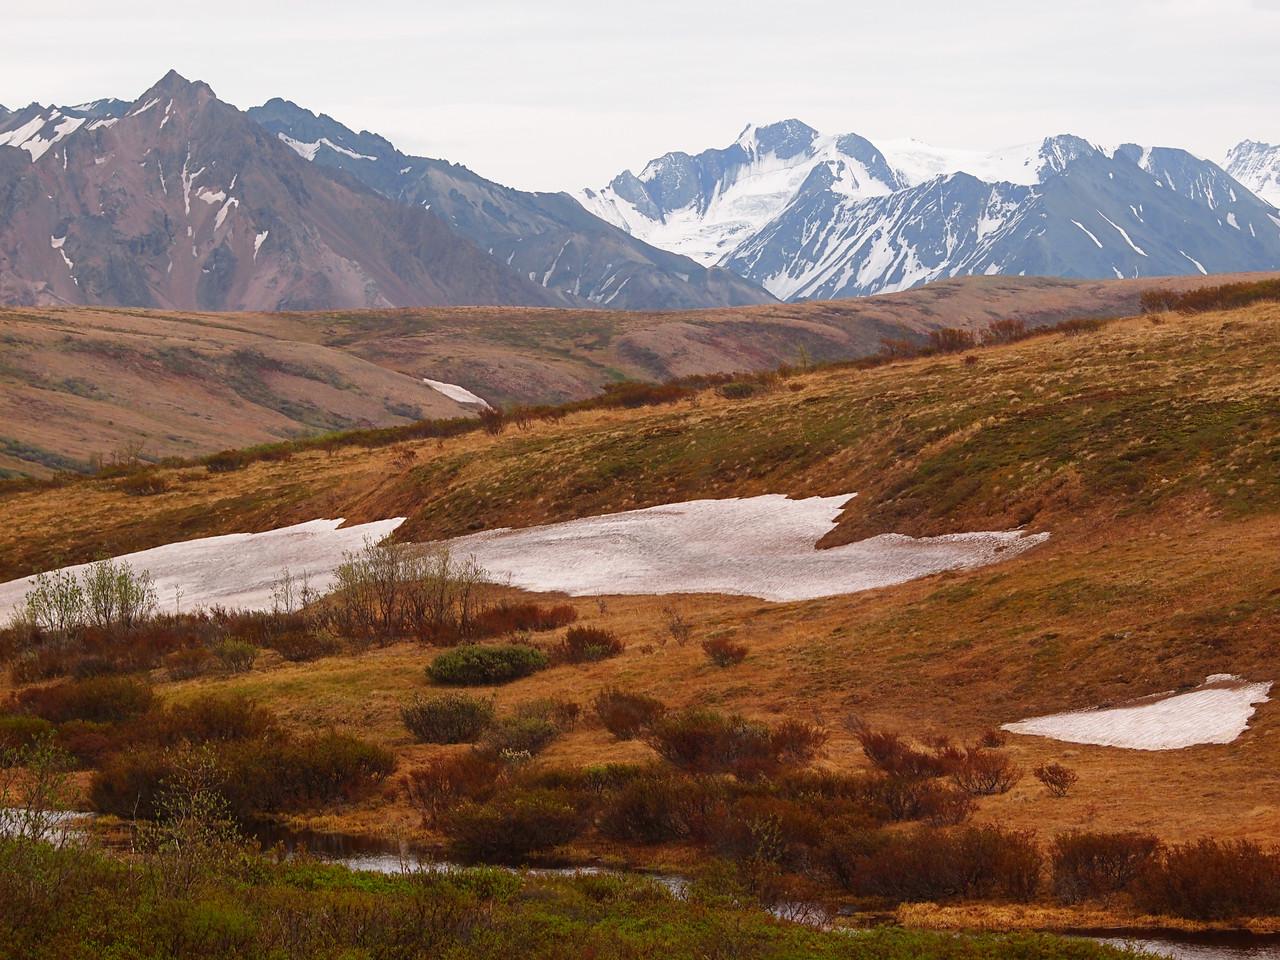 Denali National Park Landscape  By Valerie Mellema  June 7, 2011